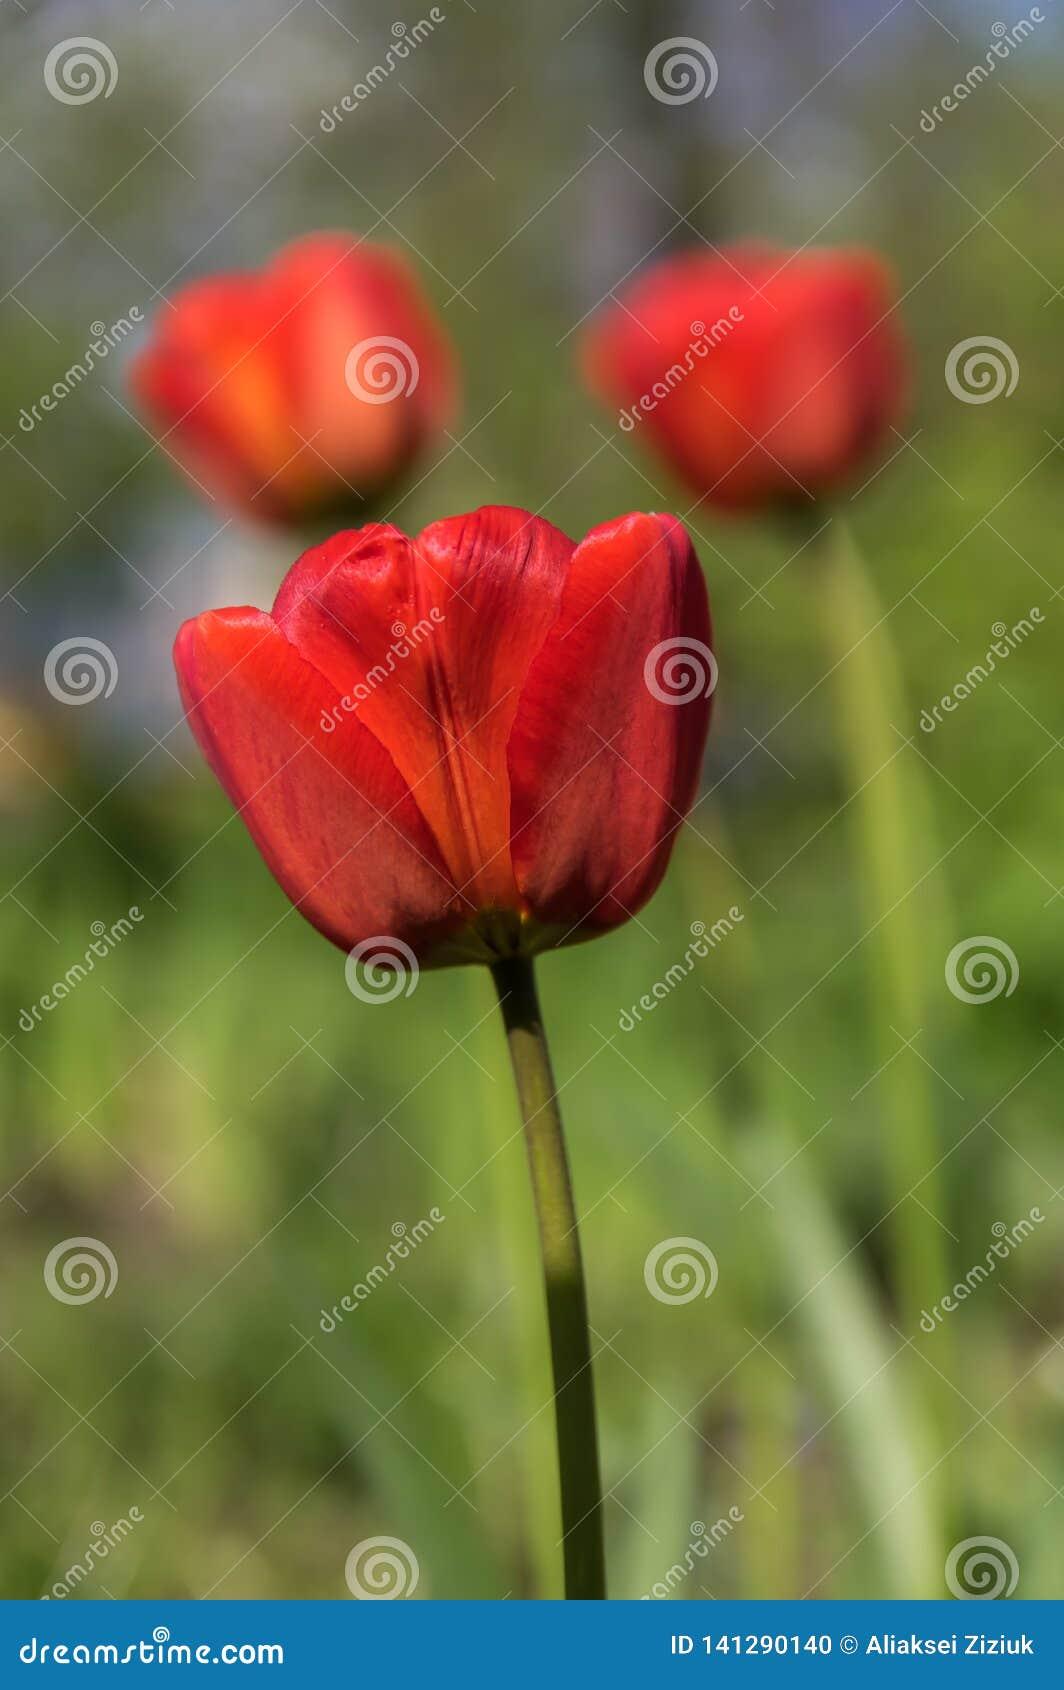 Ensam knopp av en röd tulpan, bakgrund